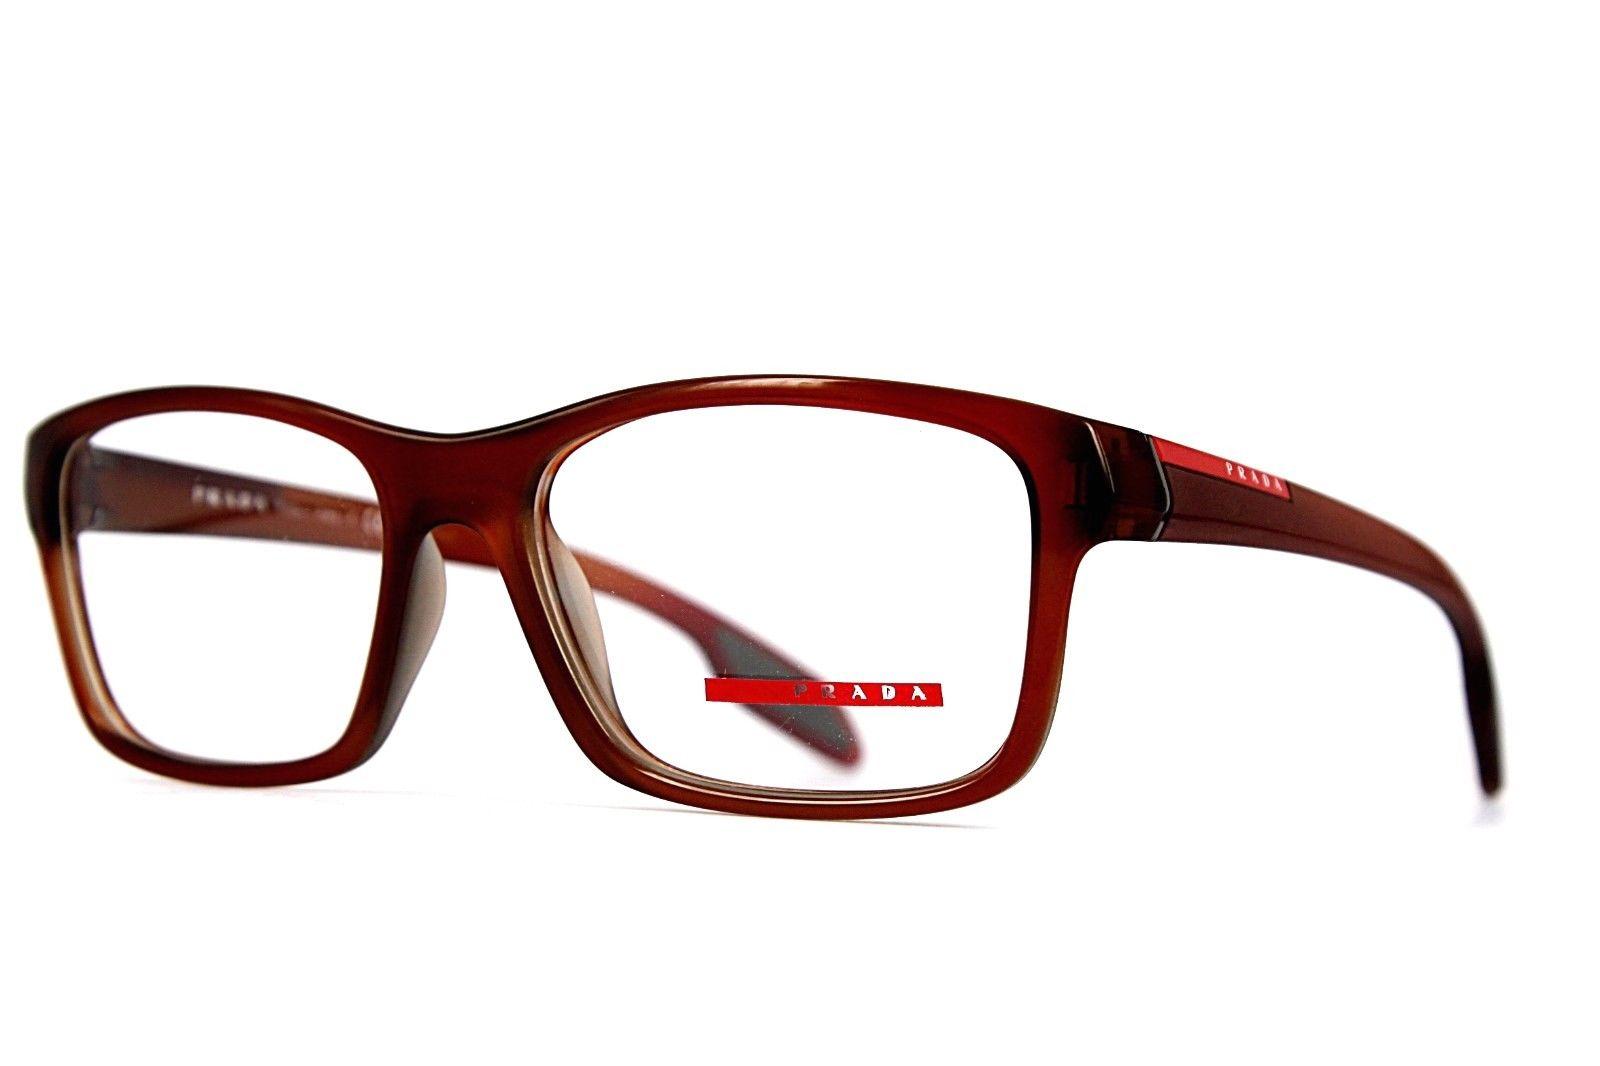 Prada vps06d eyeglasses for Decor my eyes